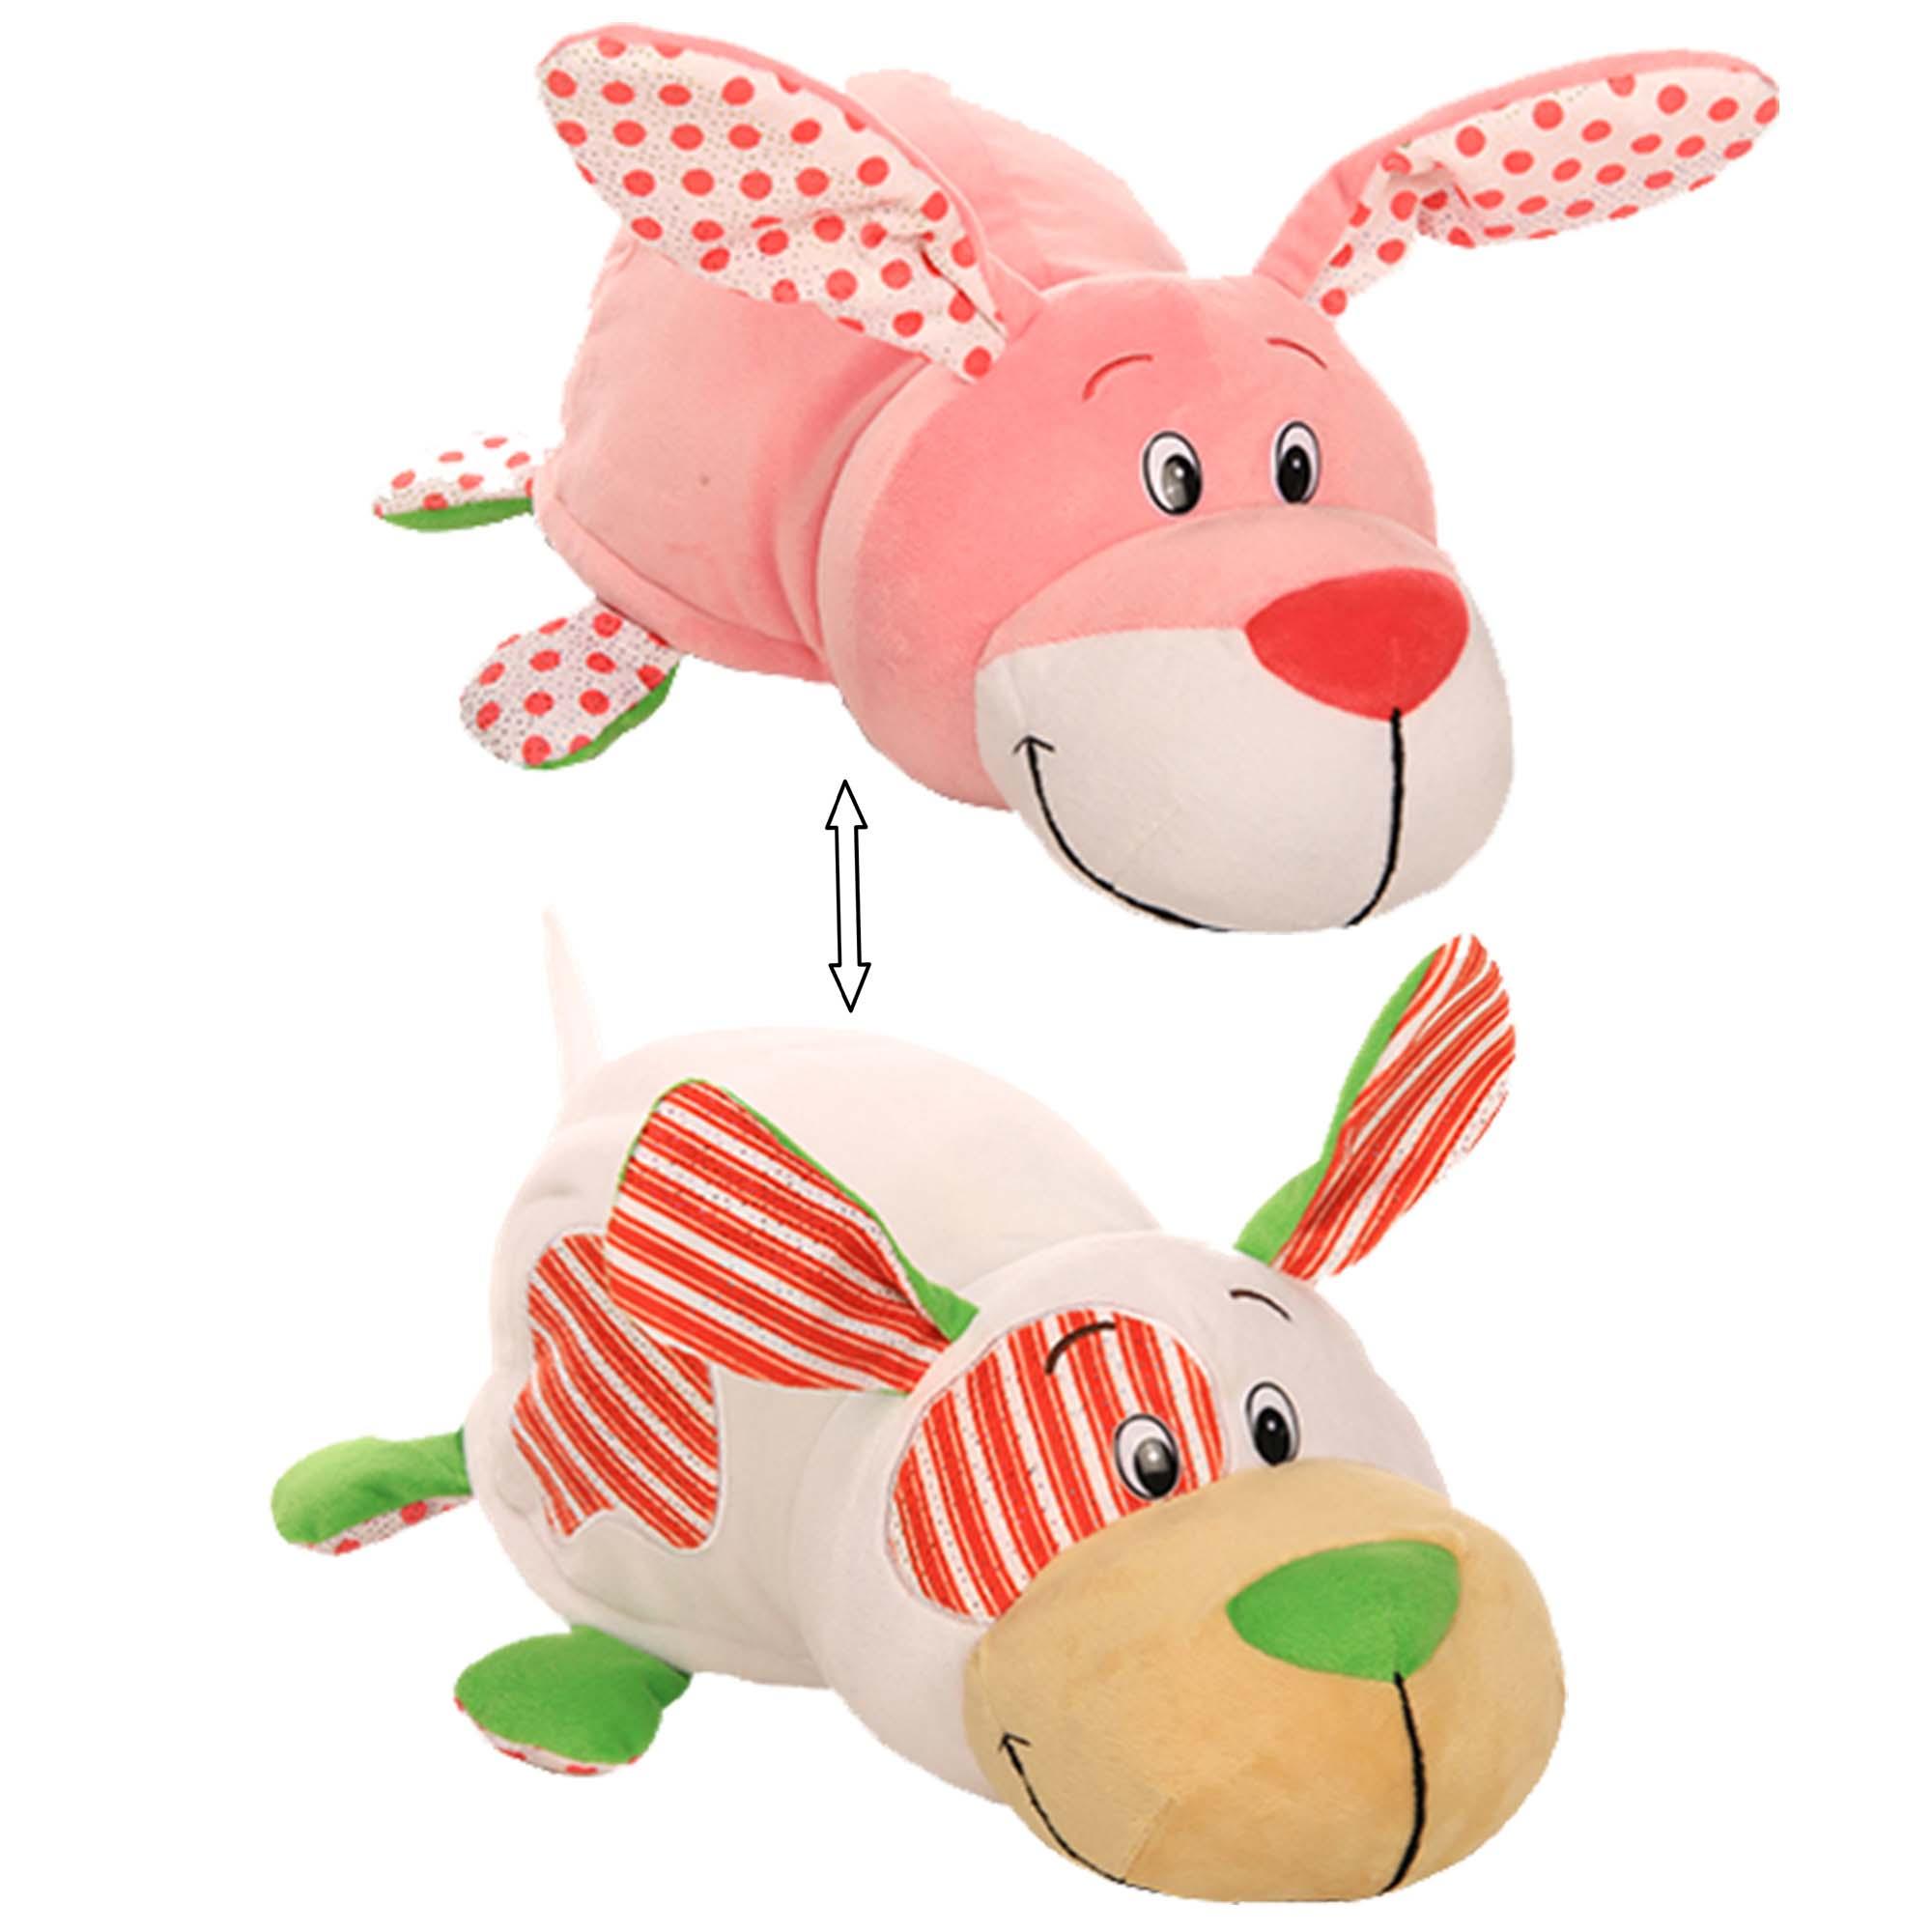 Купить Плюшевая игрушка Вывернушка Ням-Ням 2 в 1 – Щеночек с ароматом мятной жвачки-Зайчонок с ароматом фруктовой жвачки, 40 см, 1TOY